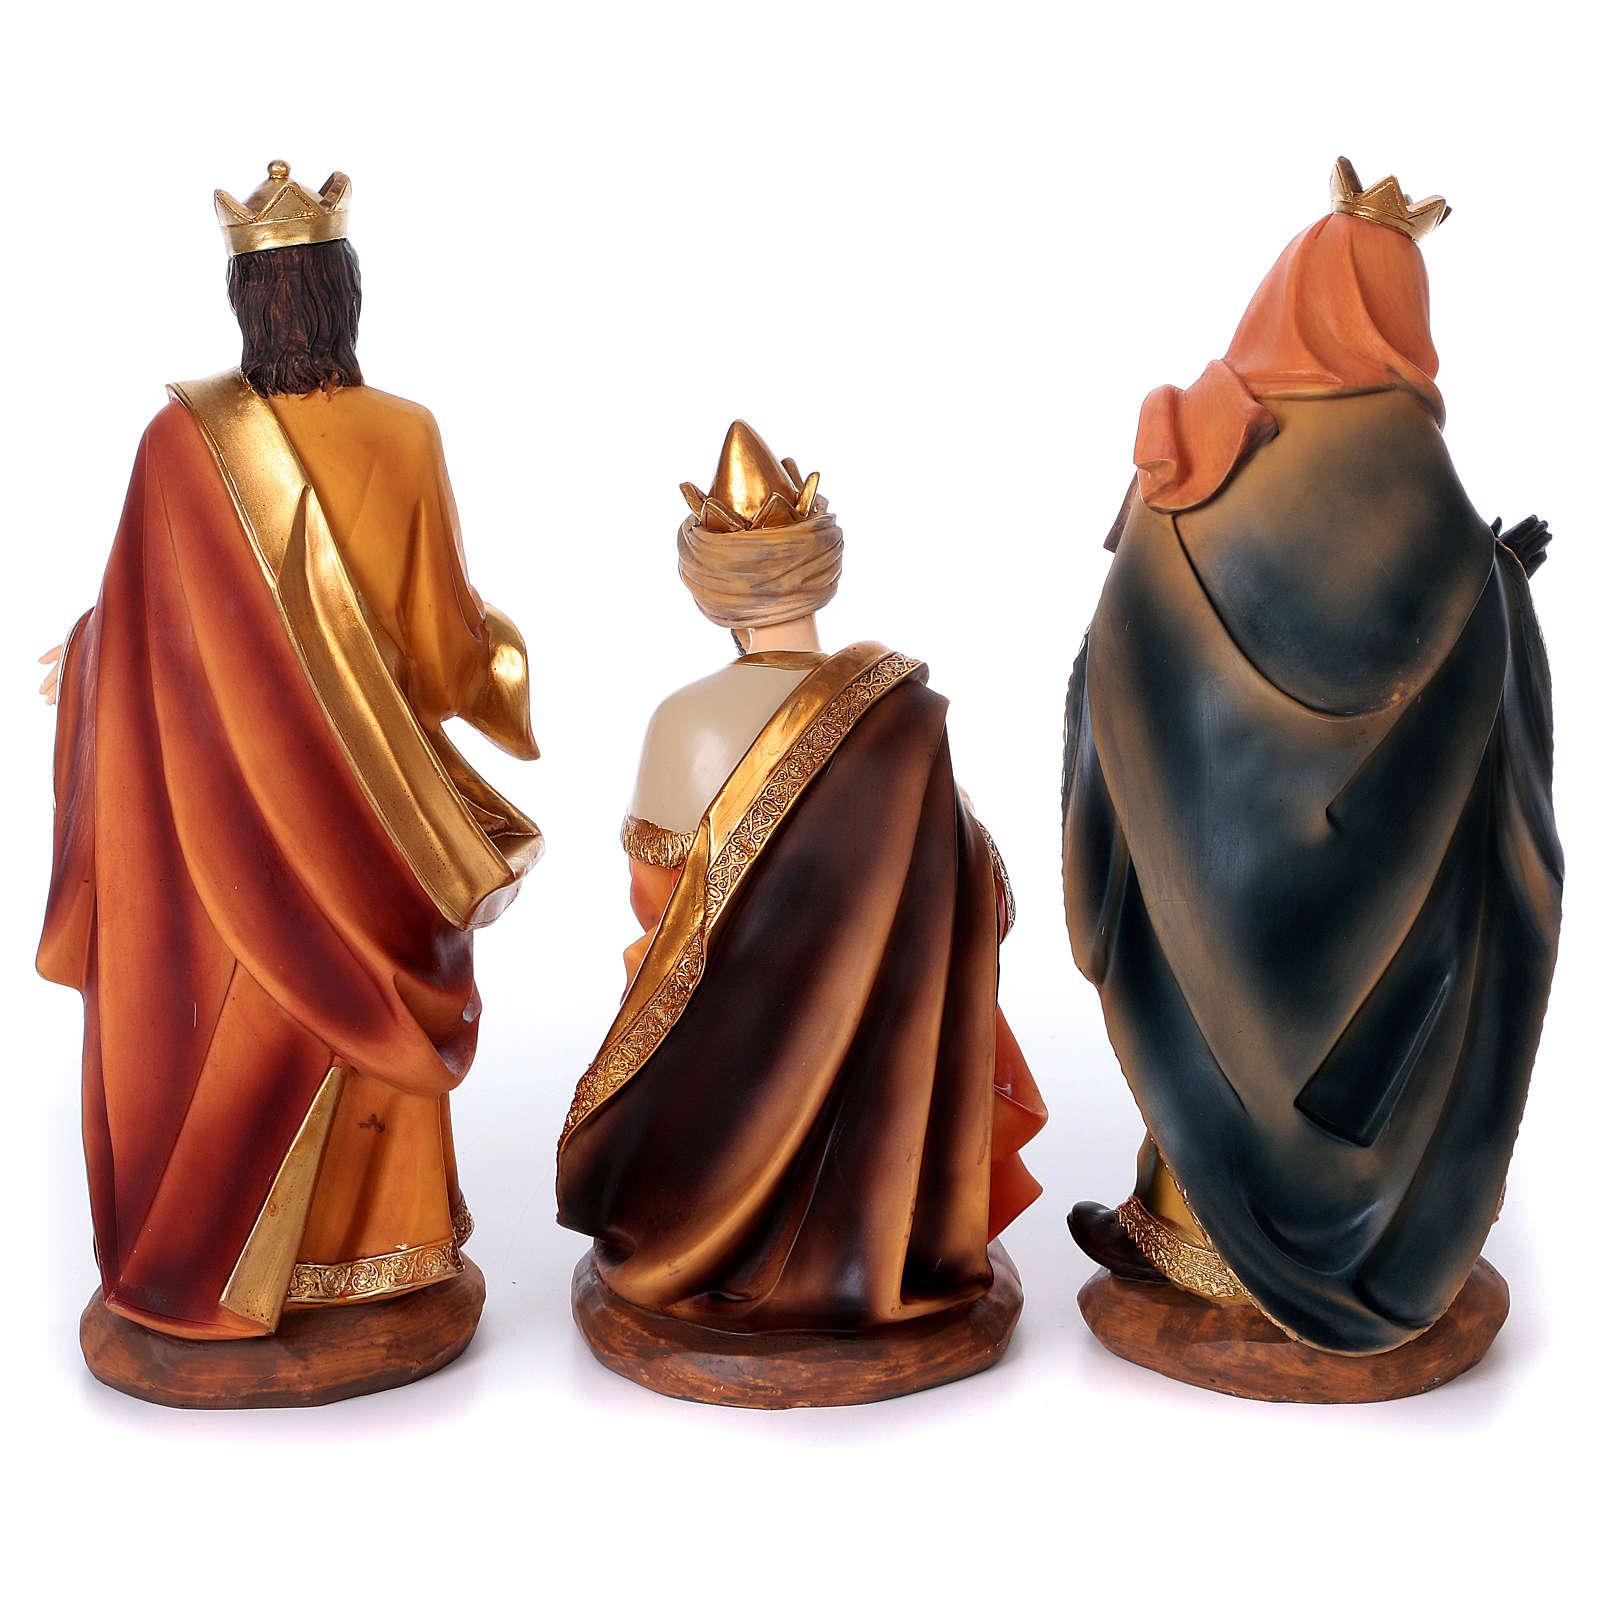 Presépio Sagrada Família Resina Pintada com figuras de altura média 40 cm 4